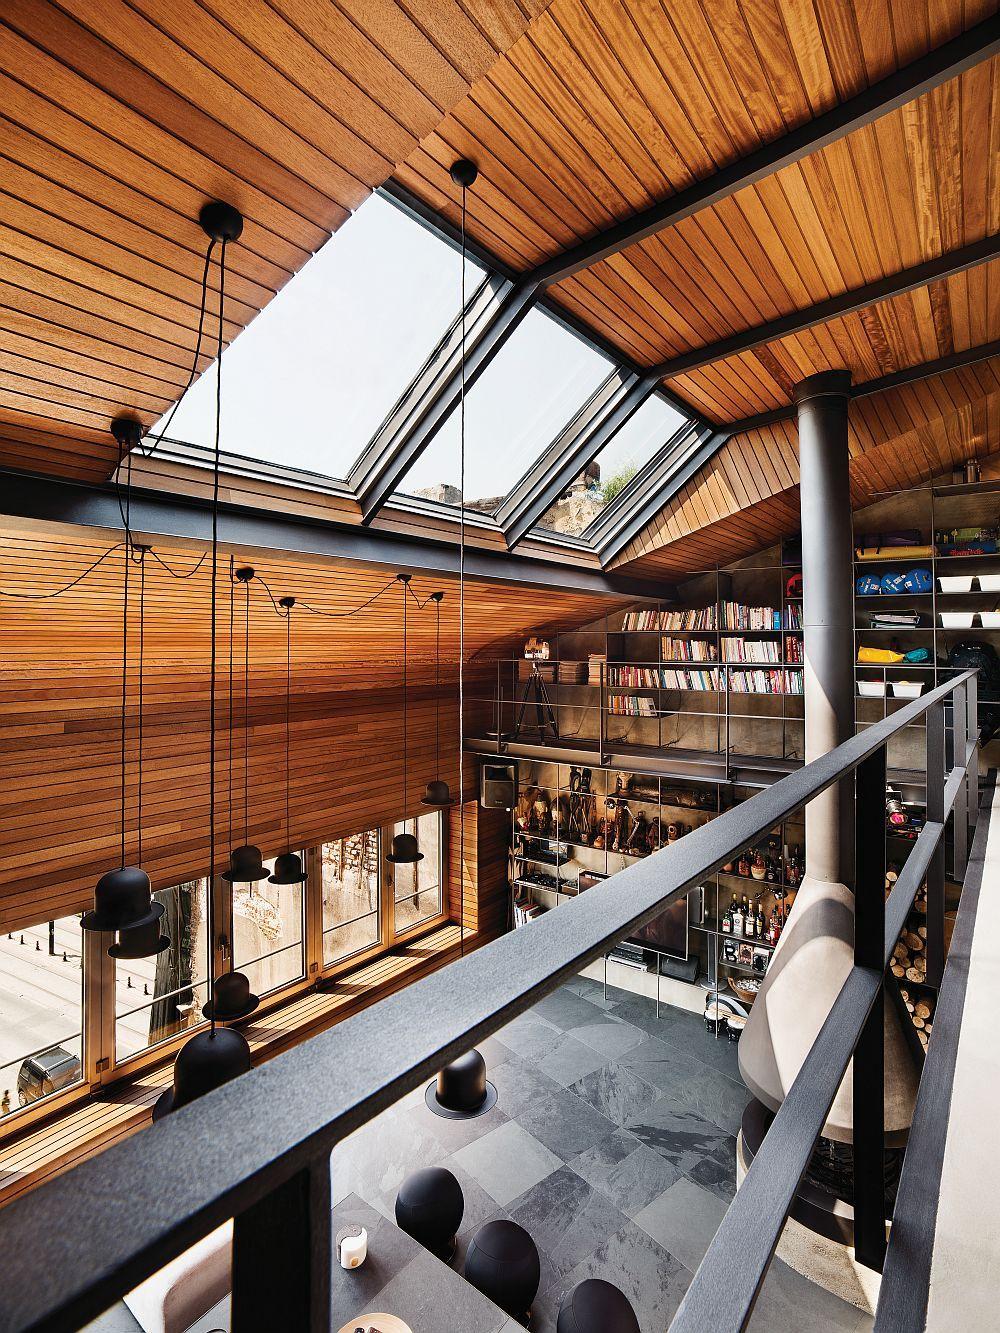 Die Dachfenster ermöglichen den Einfluss von genügend natürlichem Licht in die ganze Wohnung